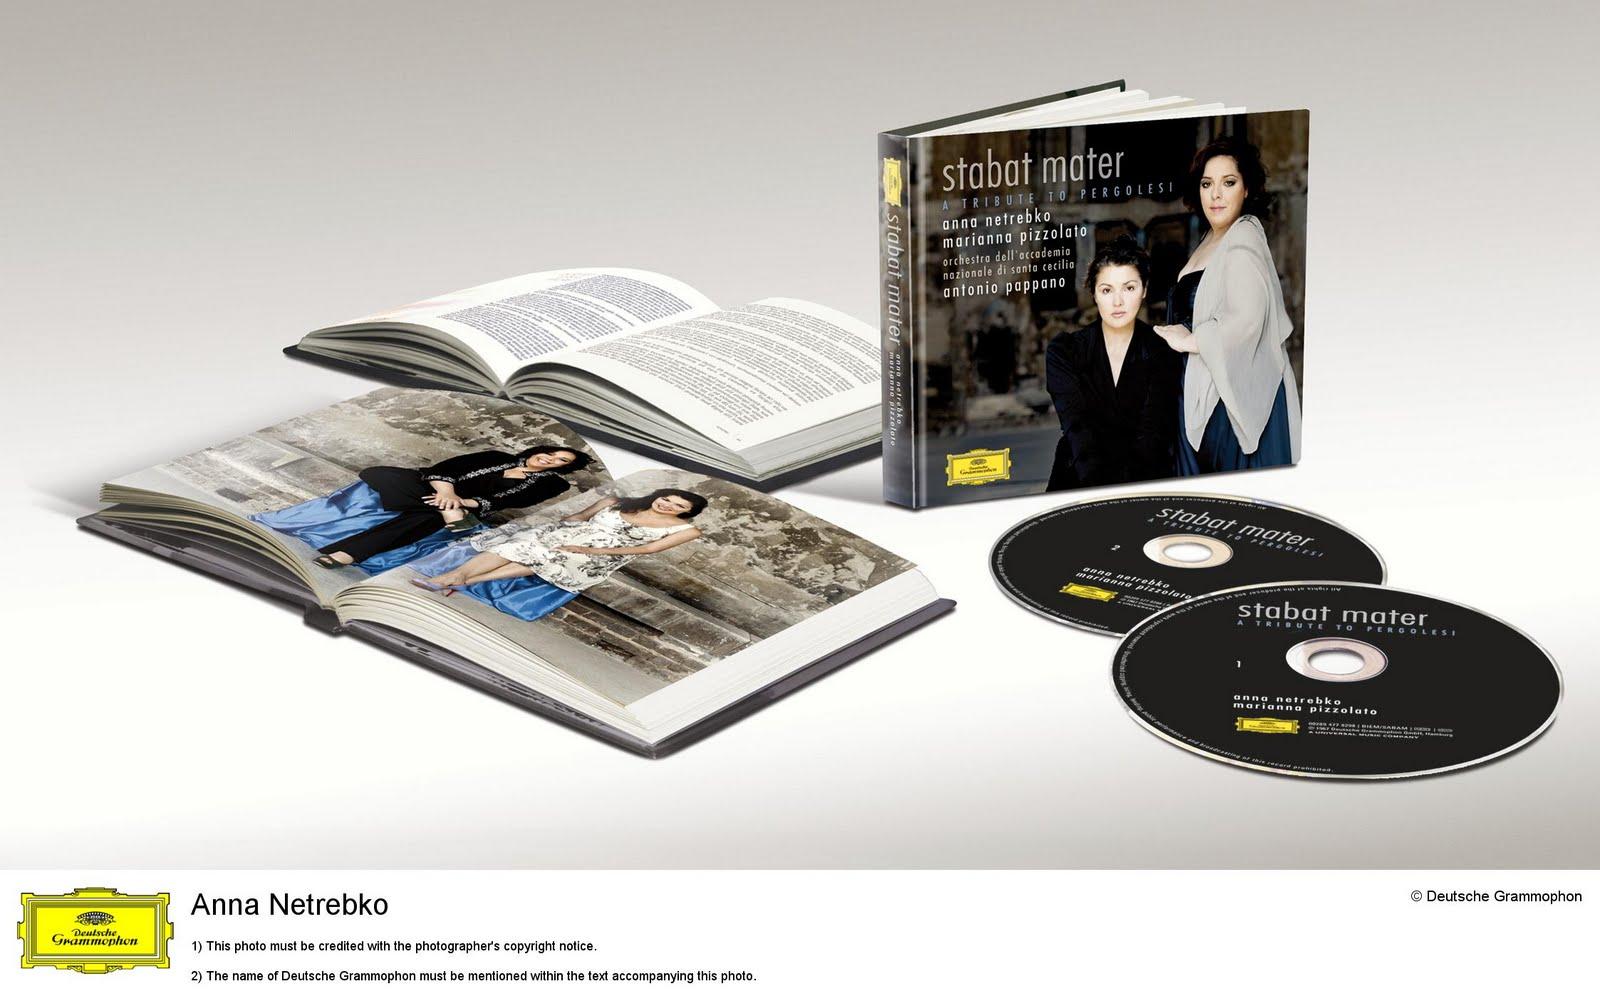 http://2.bp.blogspot.com/-fYZPbDjNeII/Tfos39rmZ5I/AAAAAAAAANc/xHzAzNvgZiM/s1600/Wettbewerb+CD+Cover.jpg